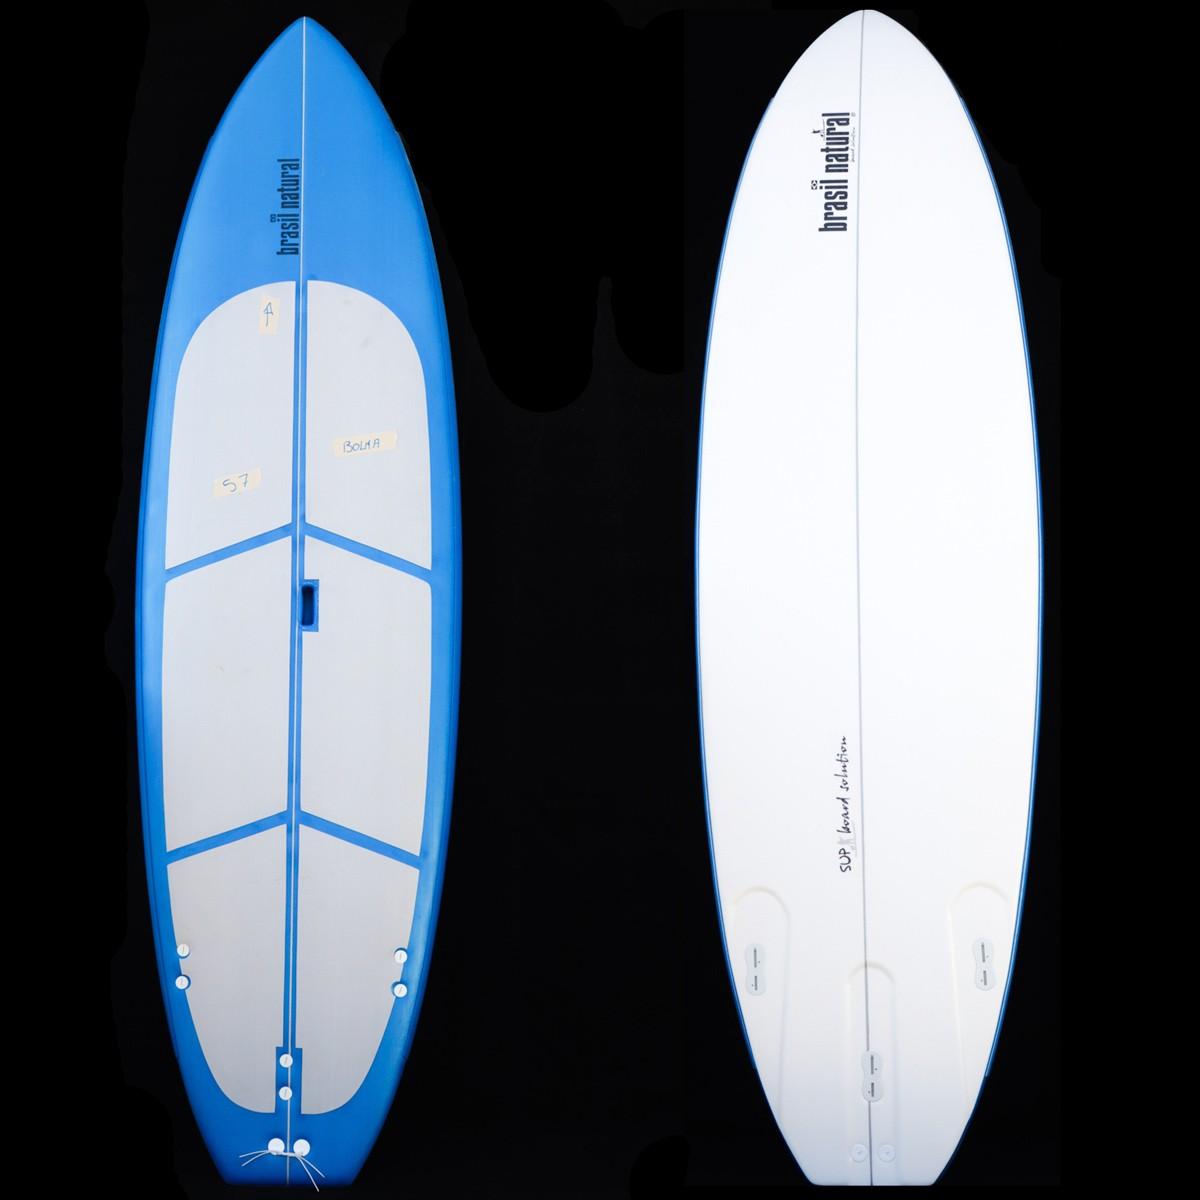 Prancha de stand up paddle 10 pés soft + kit remada - Outlet 57